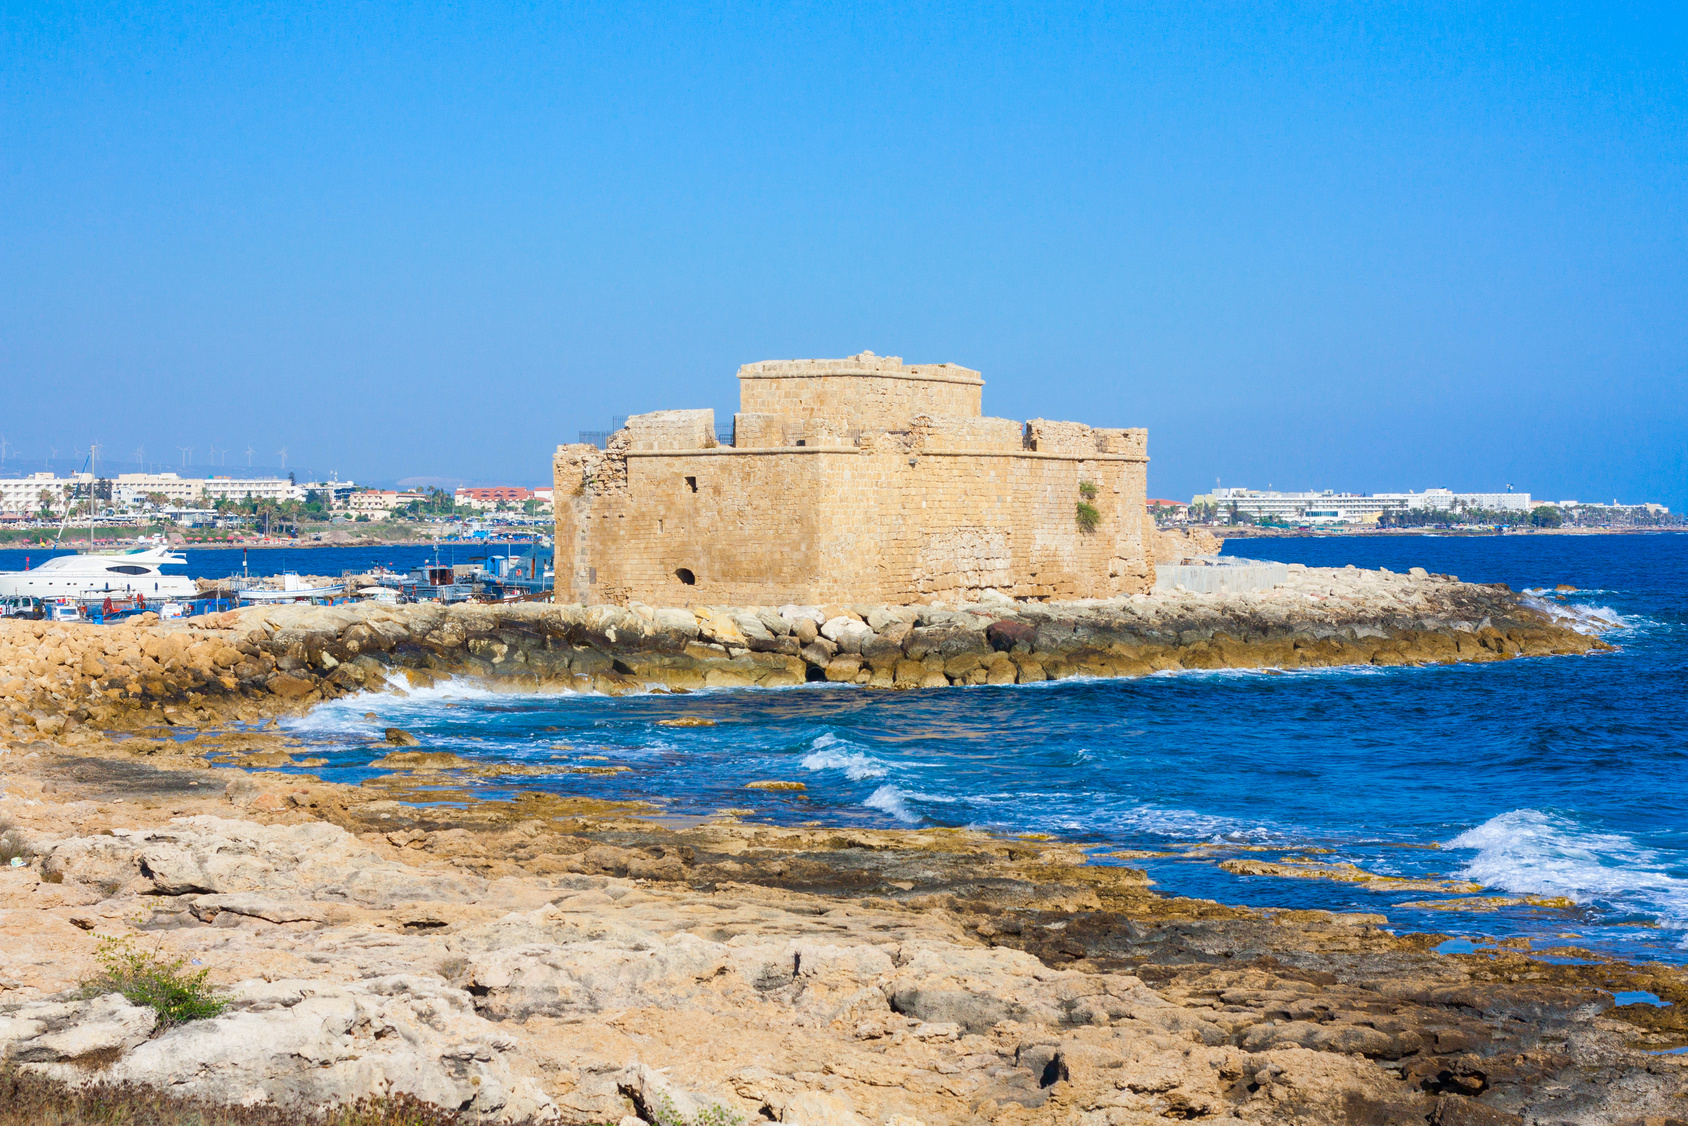 Widok na Zamek w Pafos